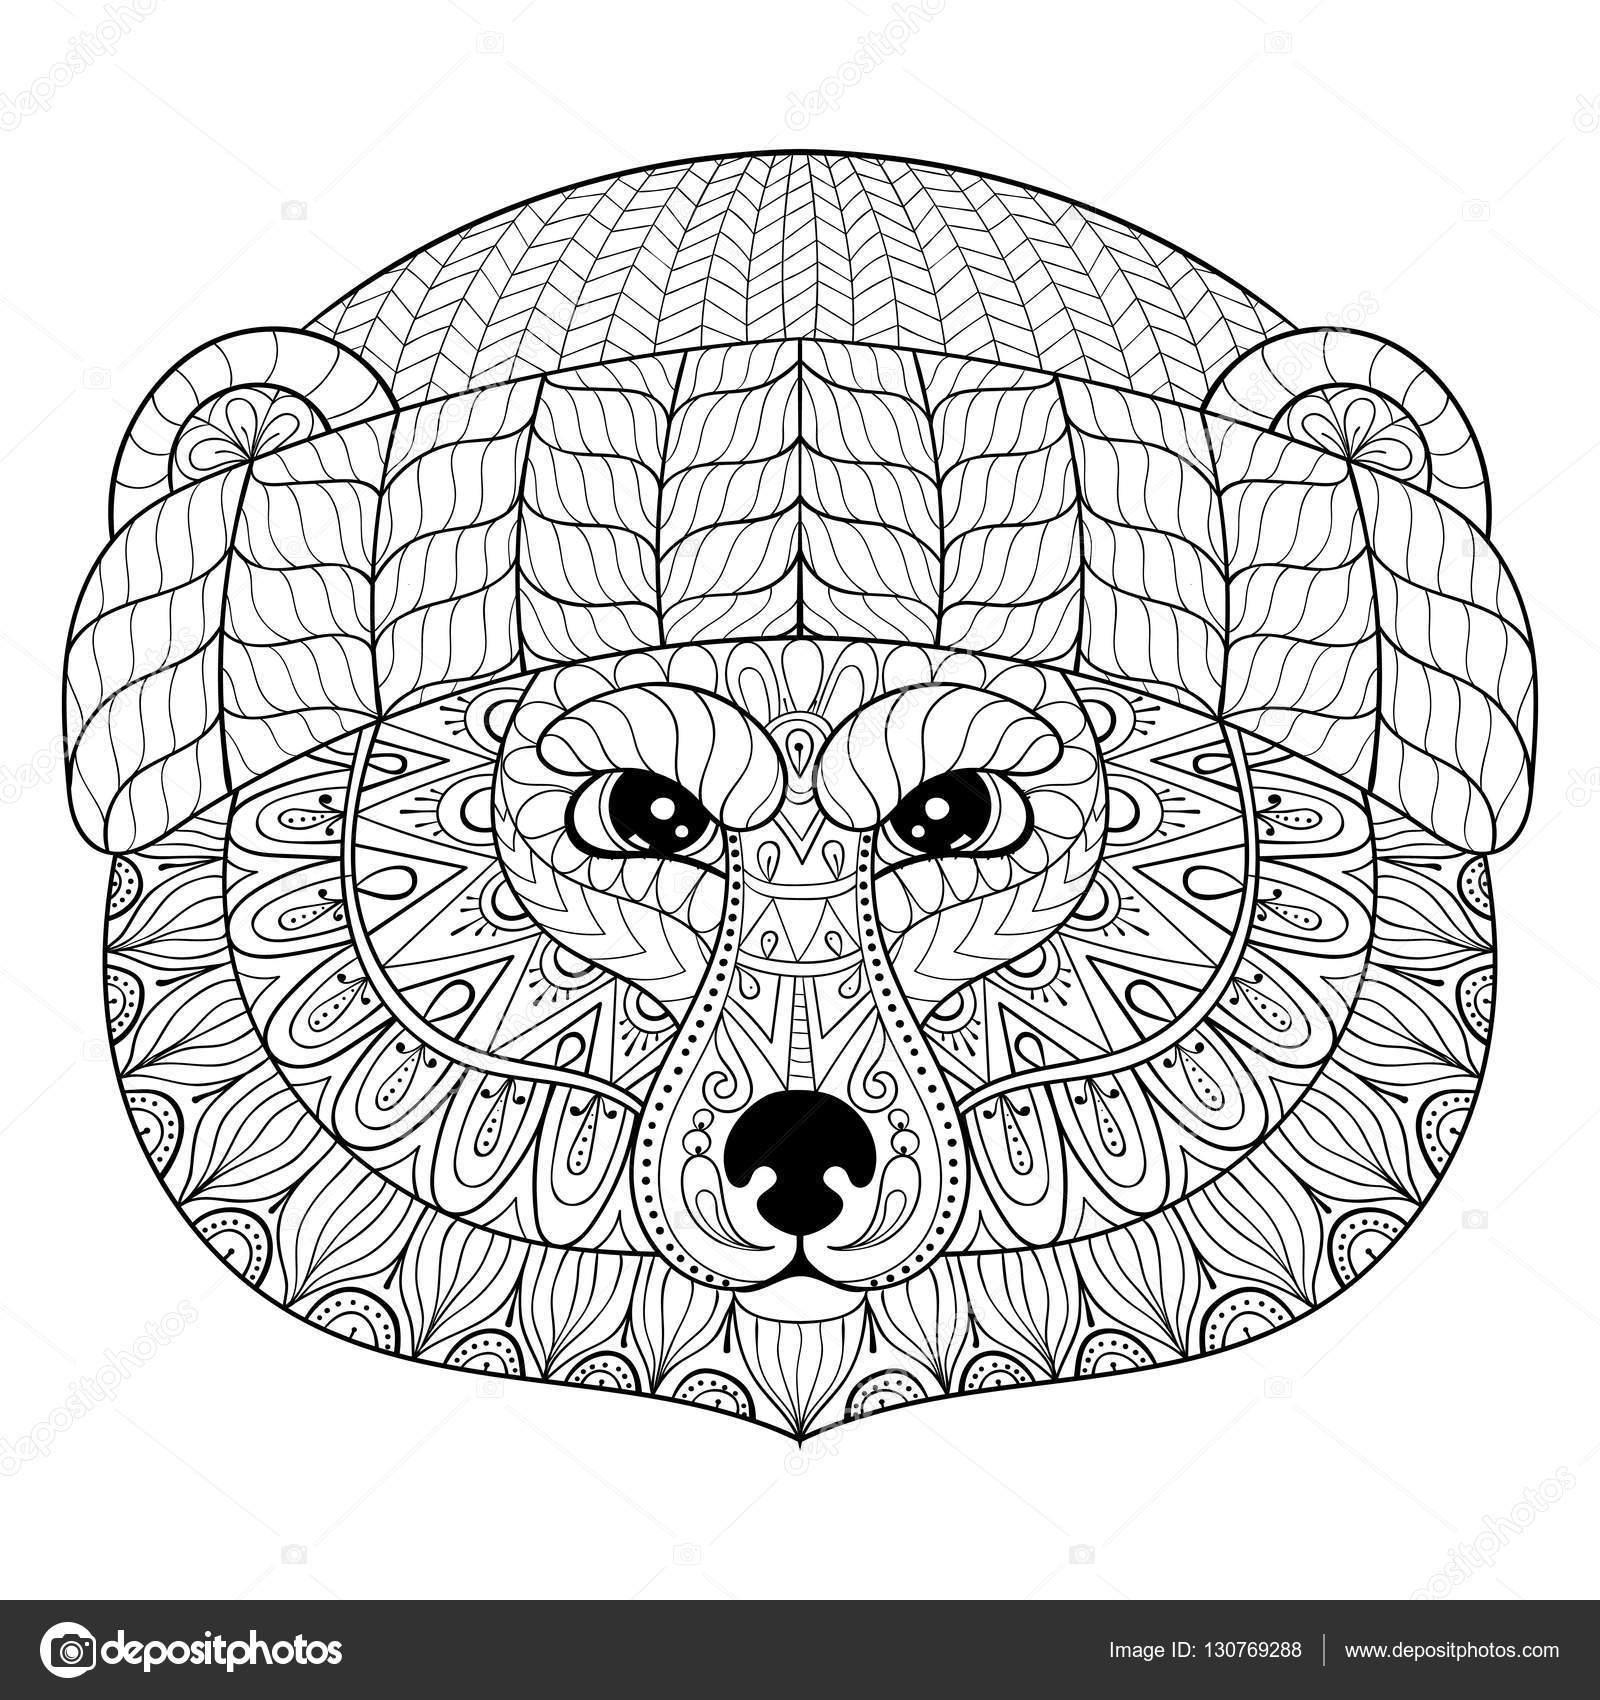 Ayı Yüzüne Zentangle Doodle Stil Vektör Elle çizilmiş Vahşi Hayvan